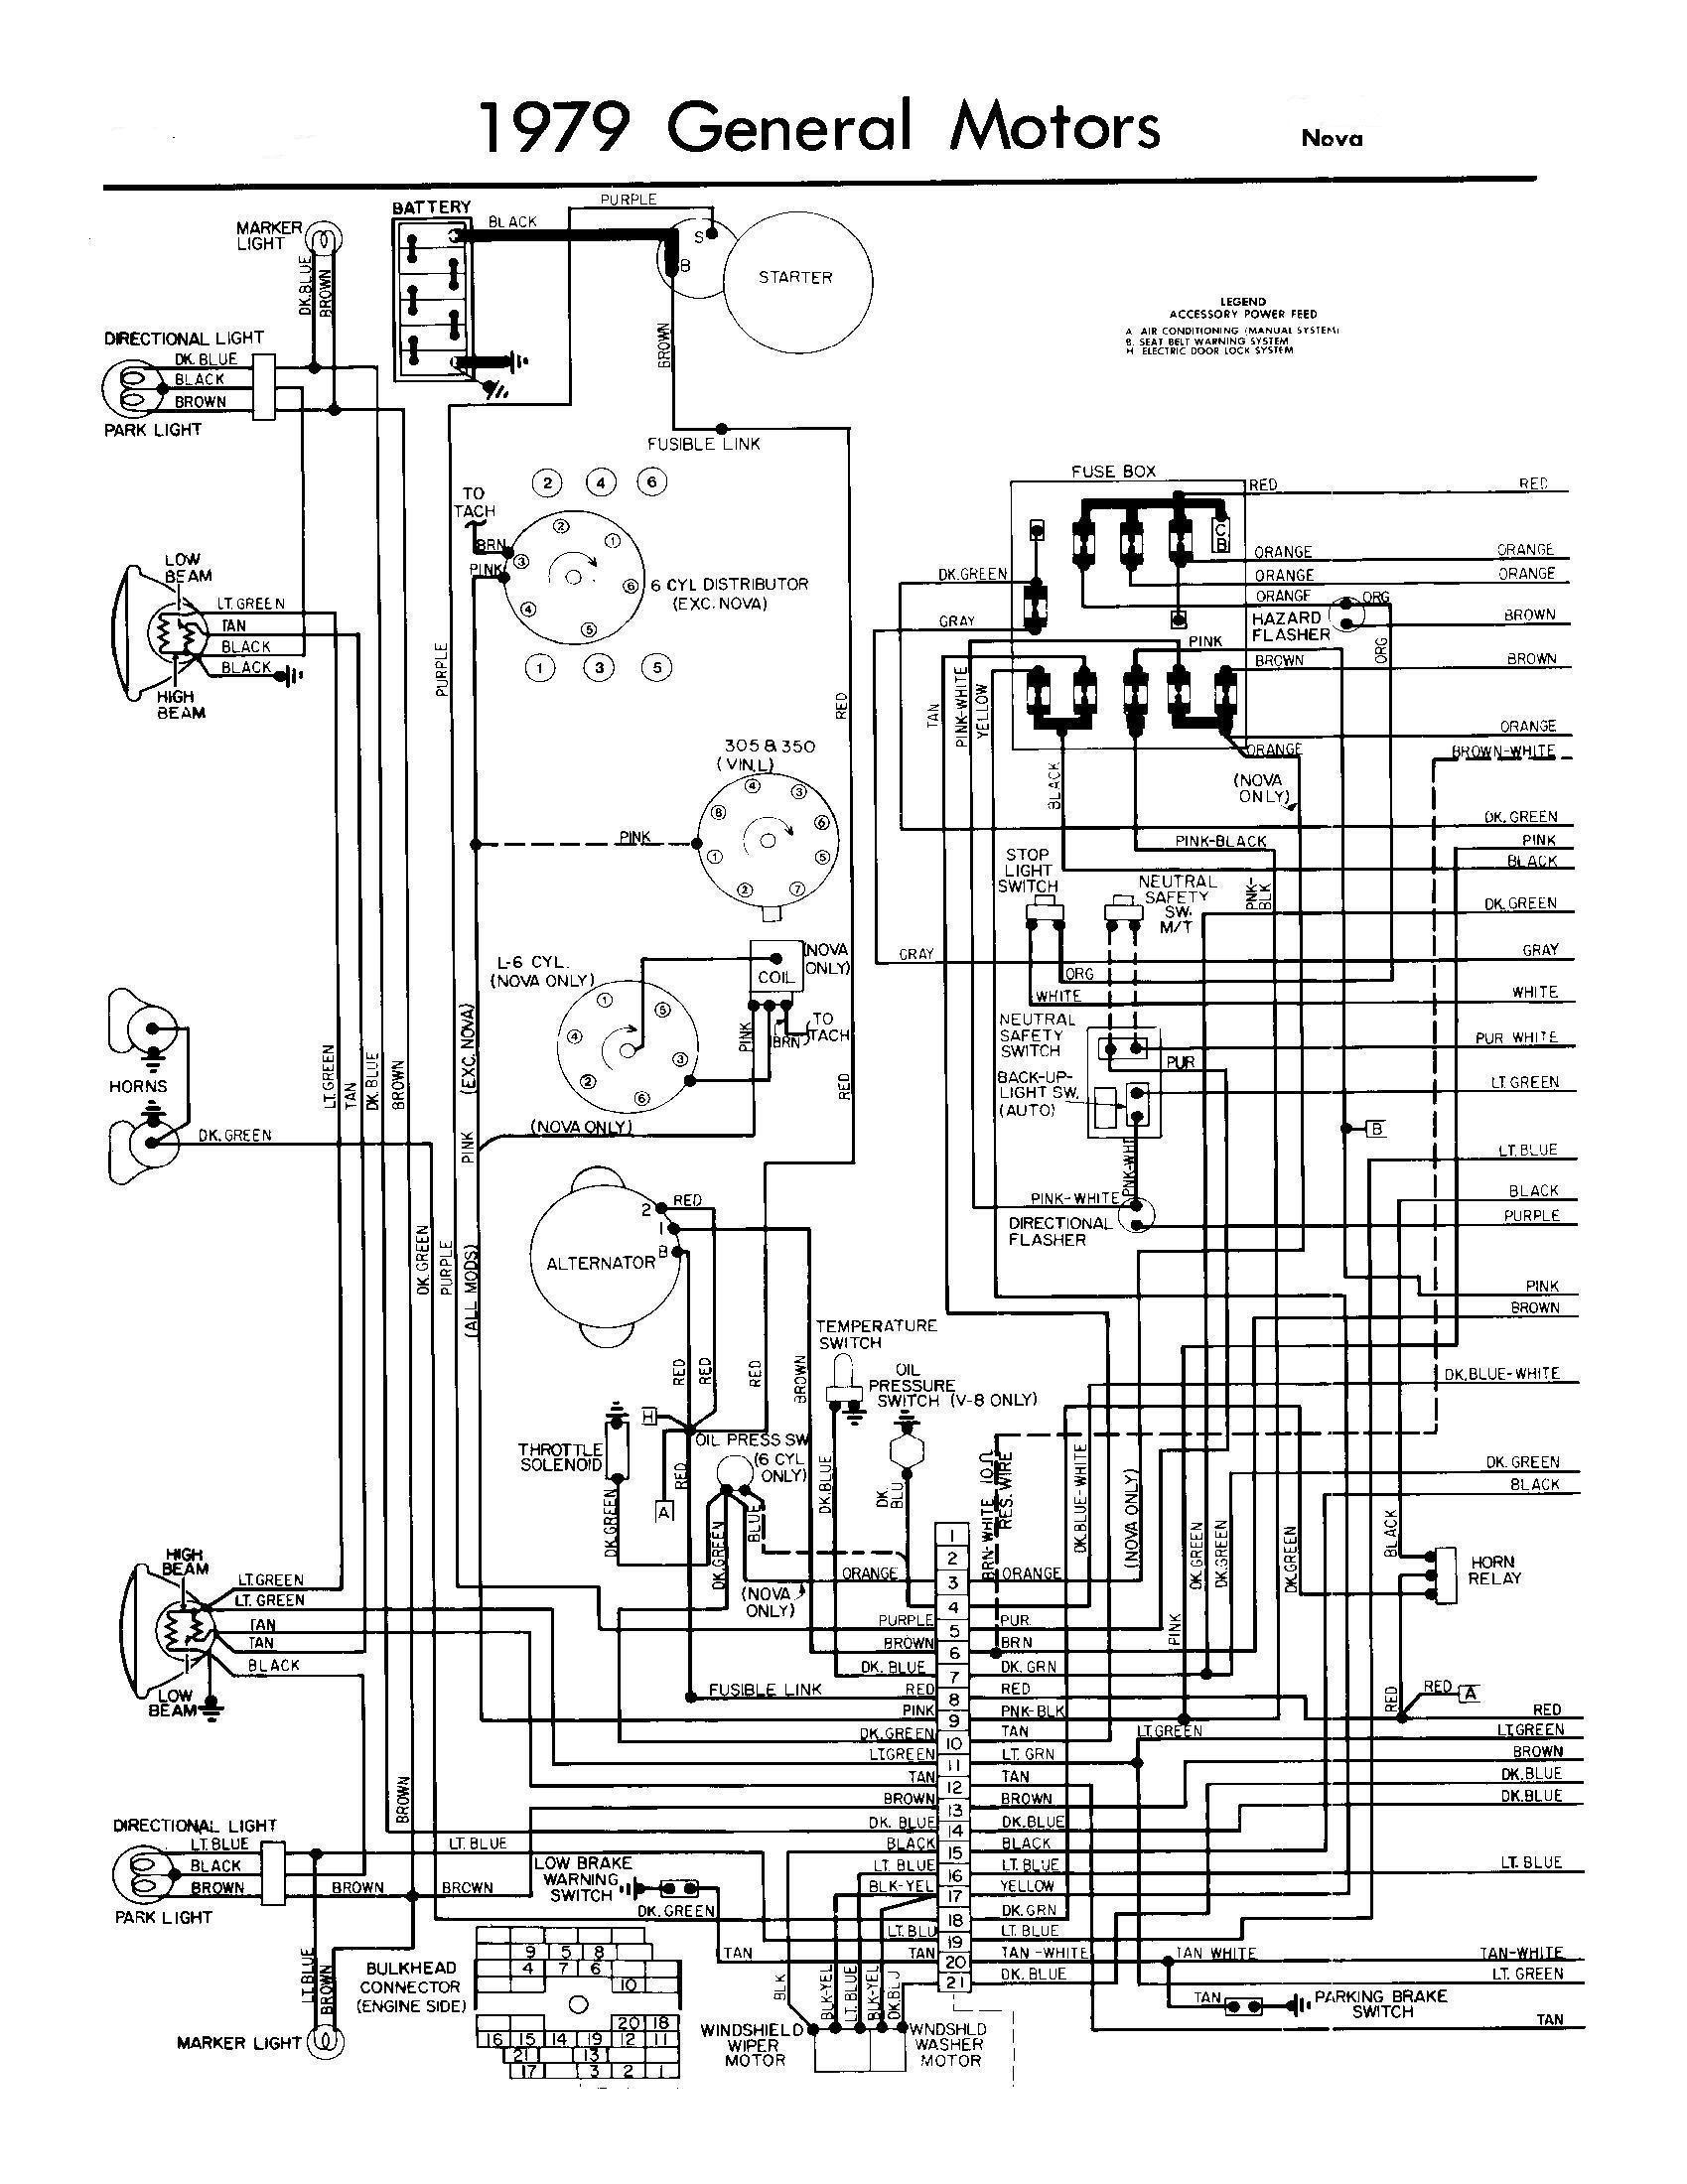 Ignition Switch Wiring Diagram Chevy All Generation Wiring Schematics Chevy Nova forum Of Ignition Switch Wiring Diagram Chevy